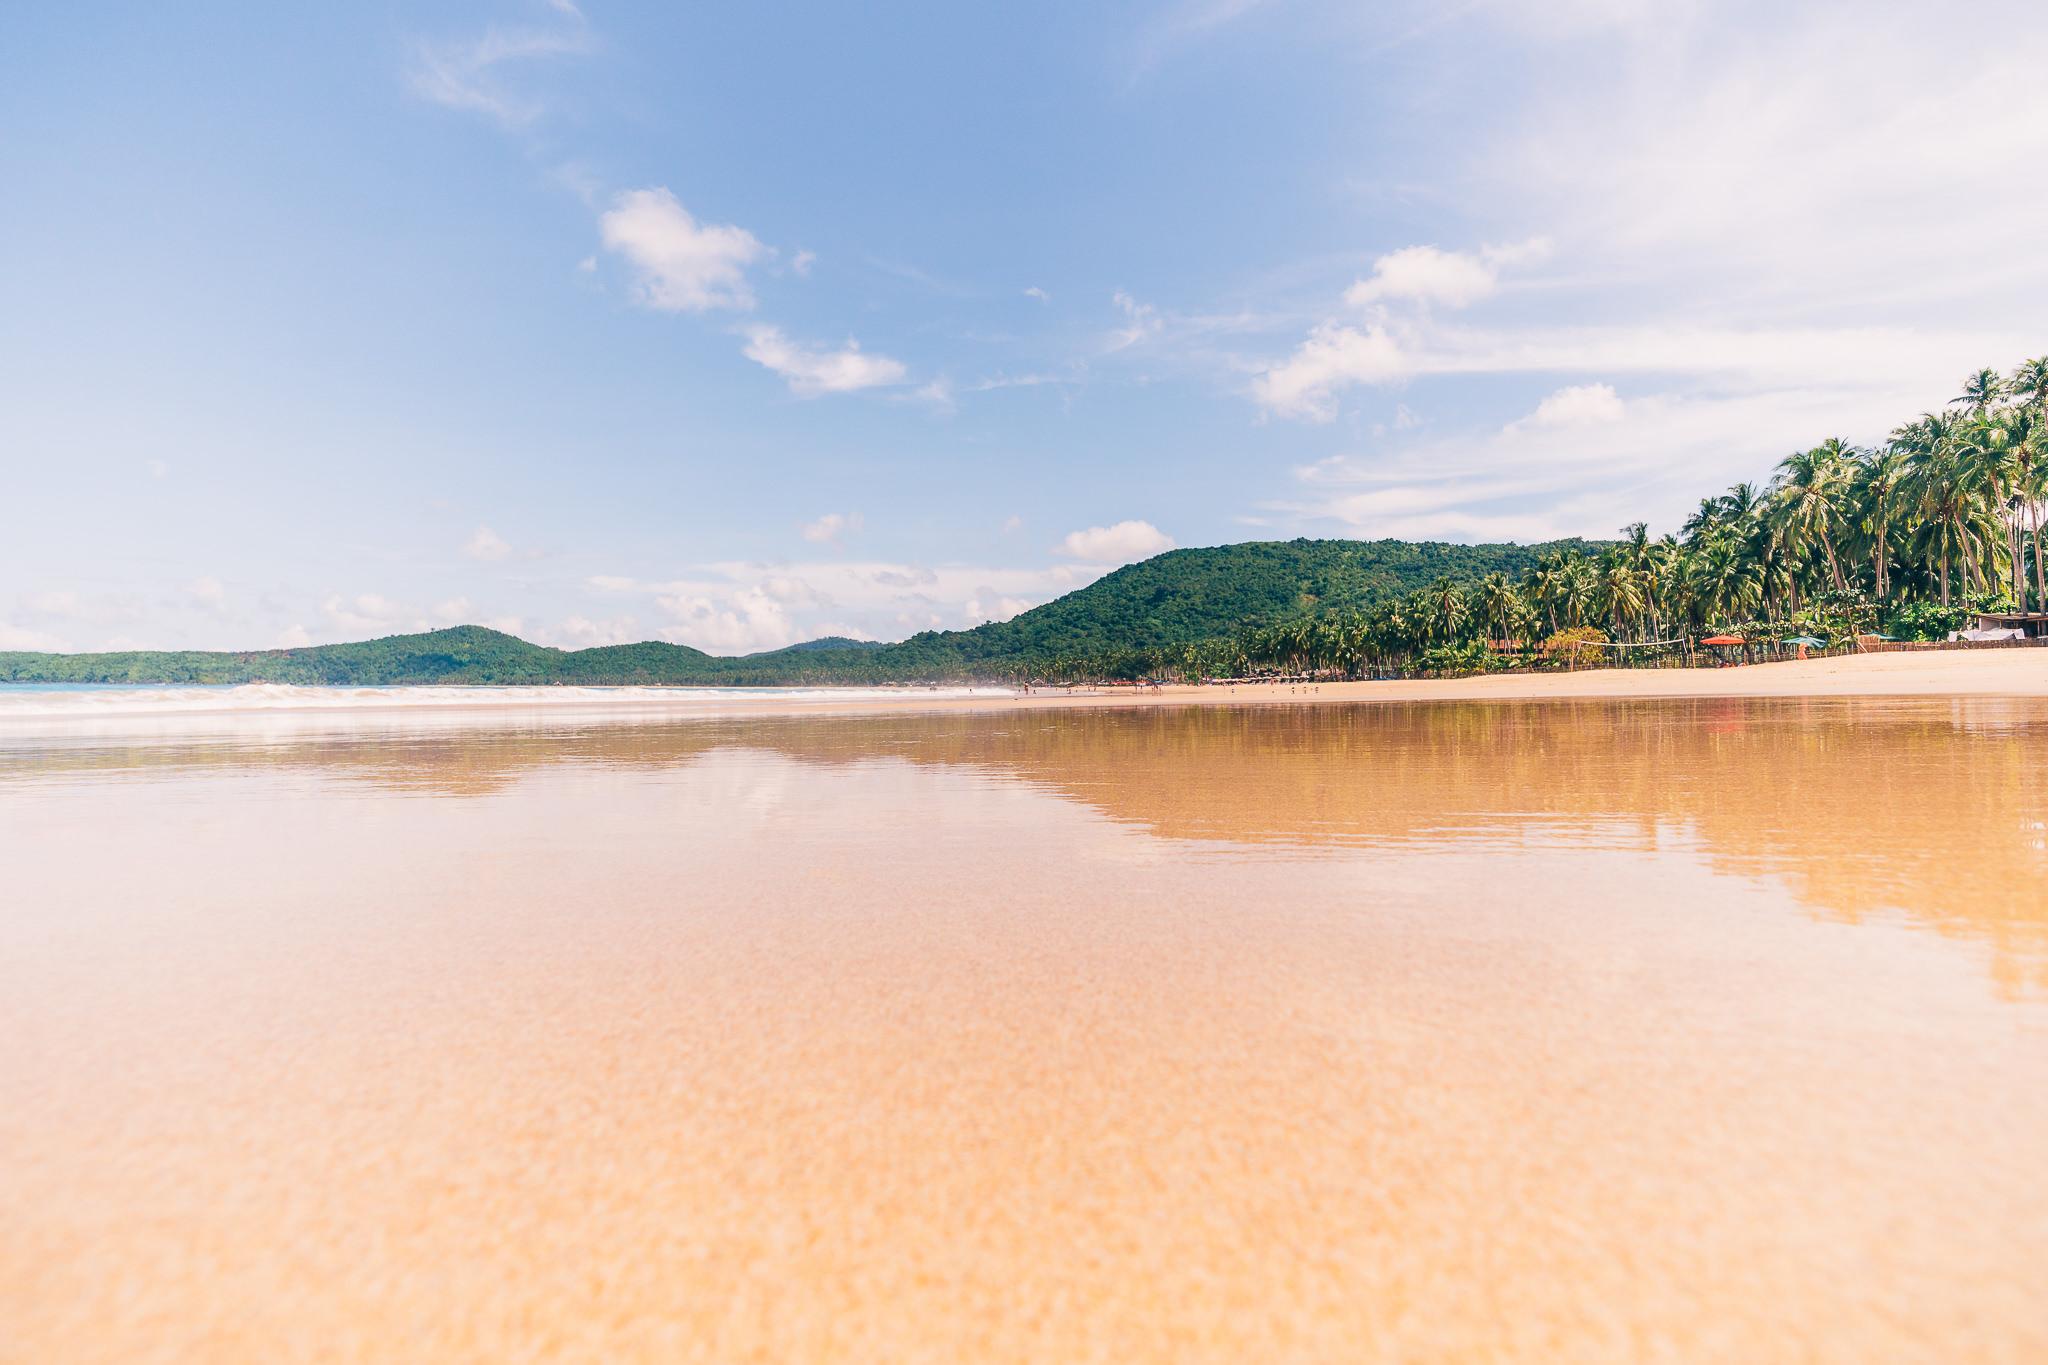 Photo Journey 003 - Nacpan Beach-11.jpg